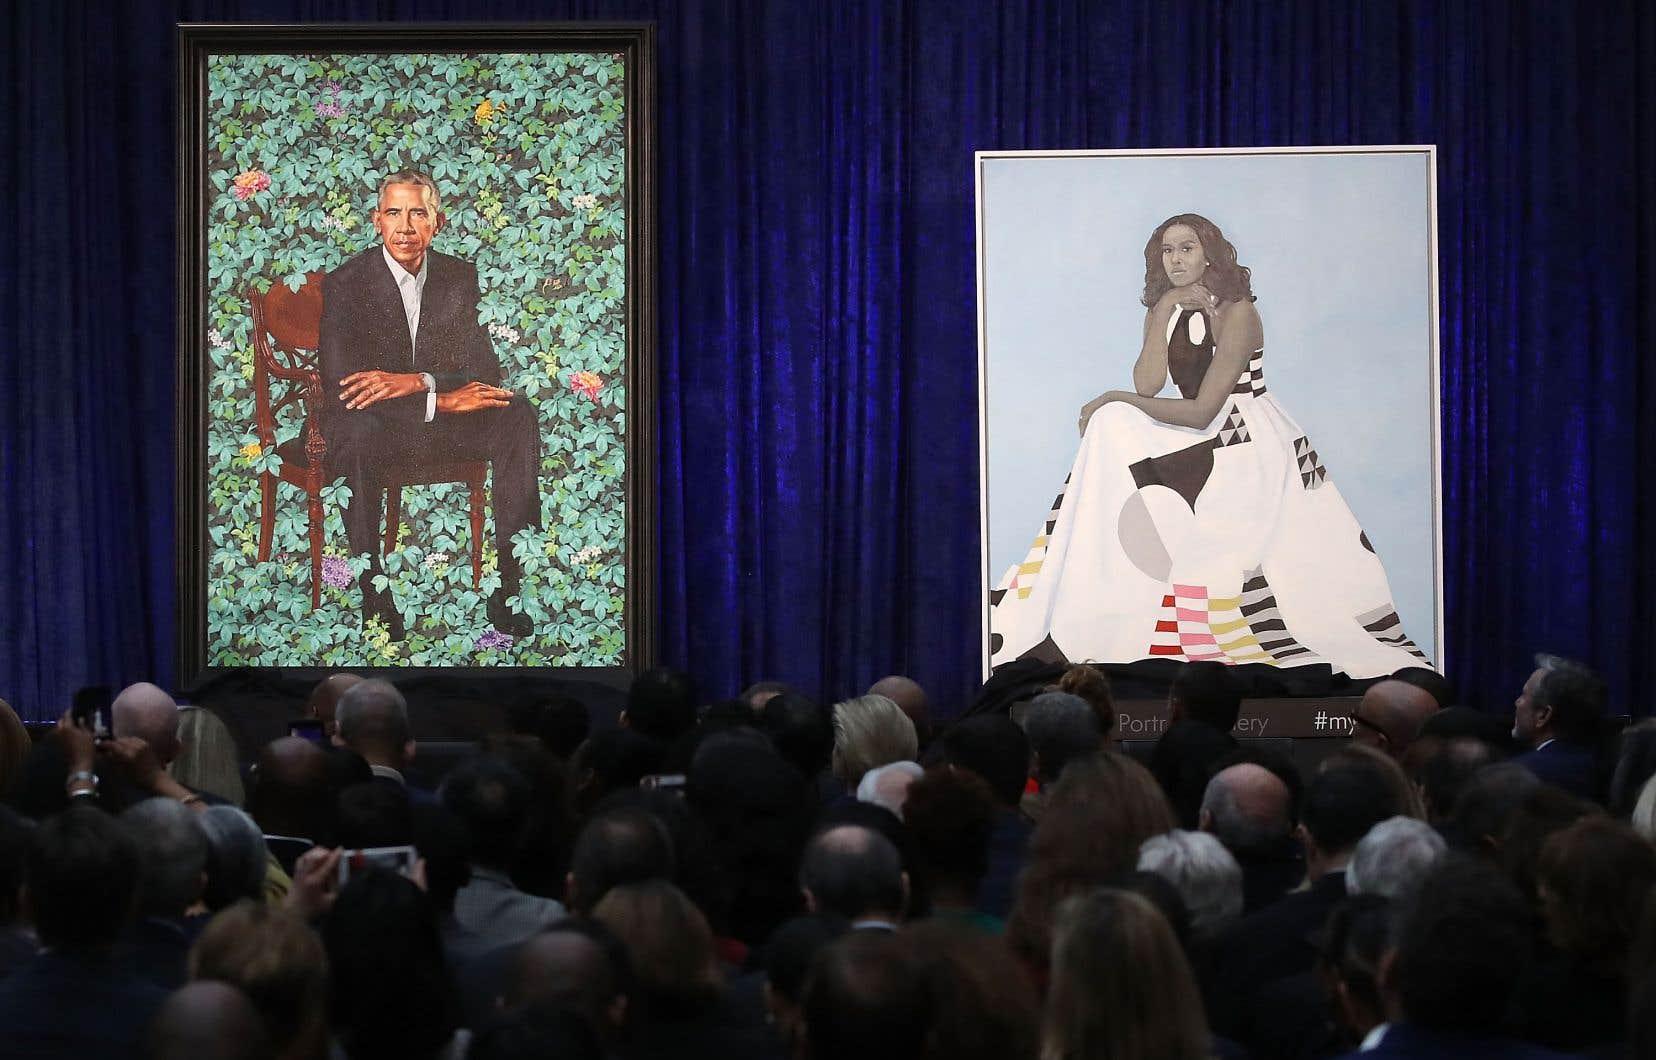 La National Portrait Gallery de Washington a présenté au public les deux nouvelles toiles qui s'ajouteront à sa collection complète de portraits présidentiels.